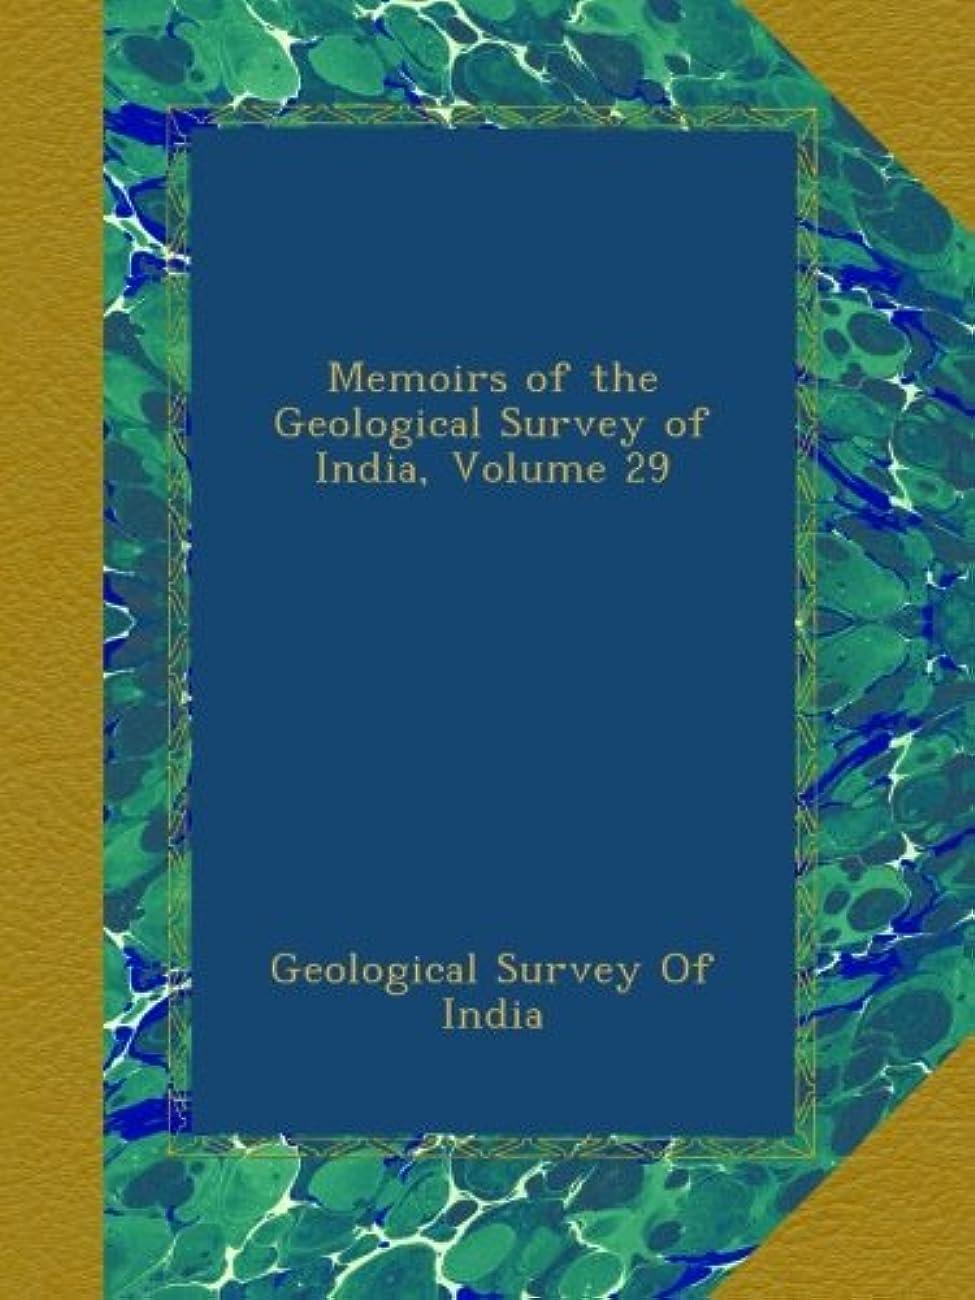 ネックレット崩壊長方形Memoirs of the Geological Survey of India, Volume 29